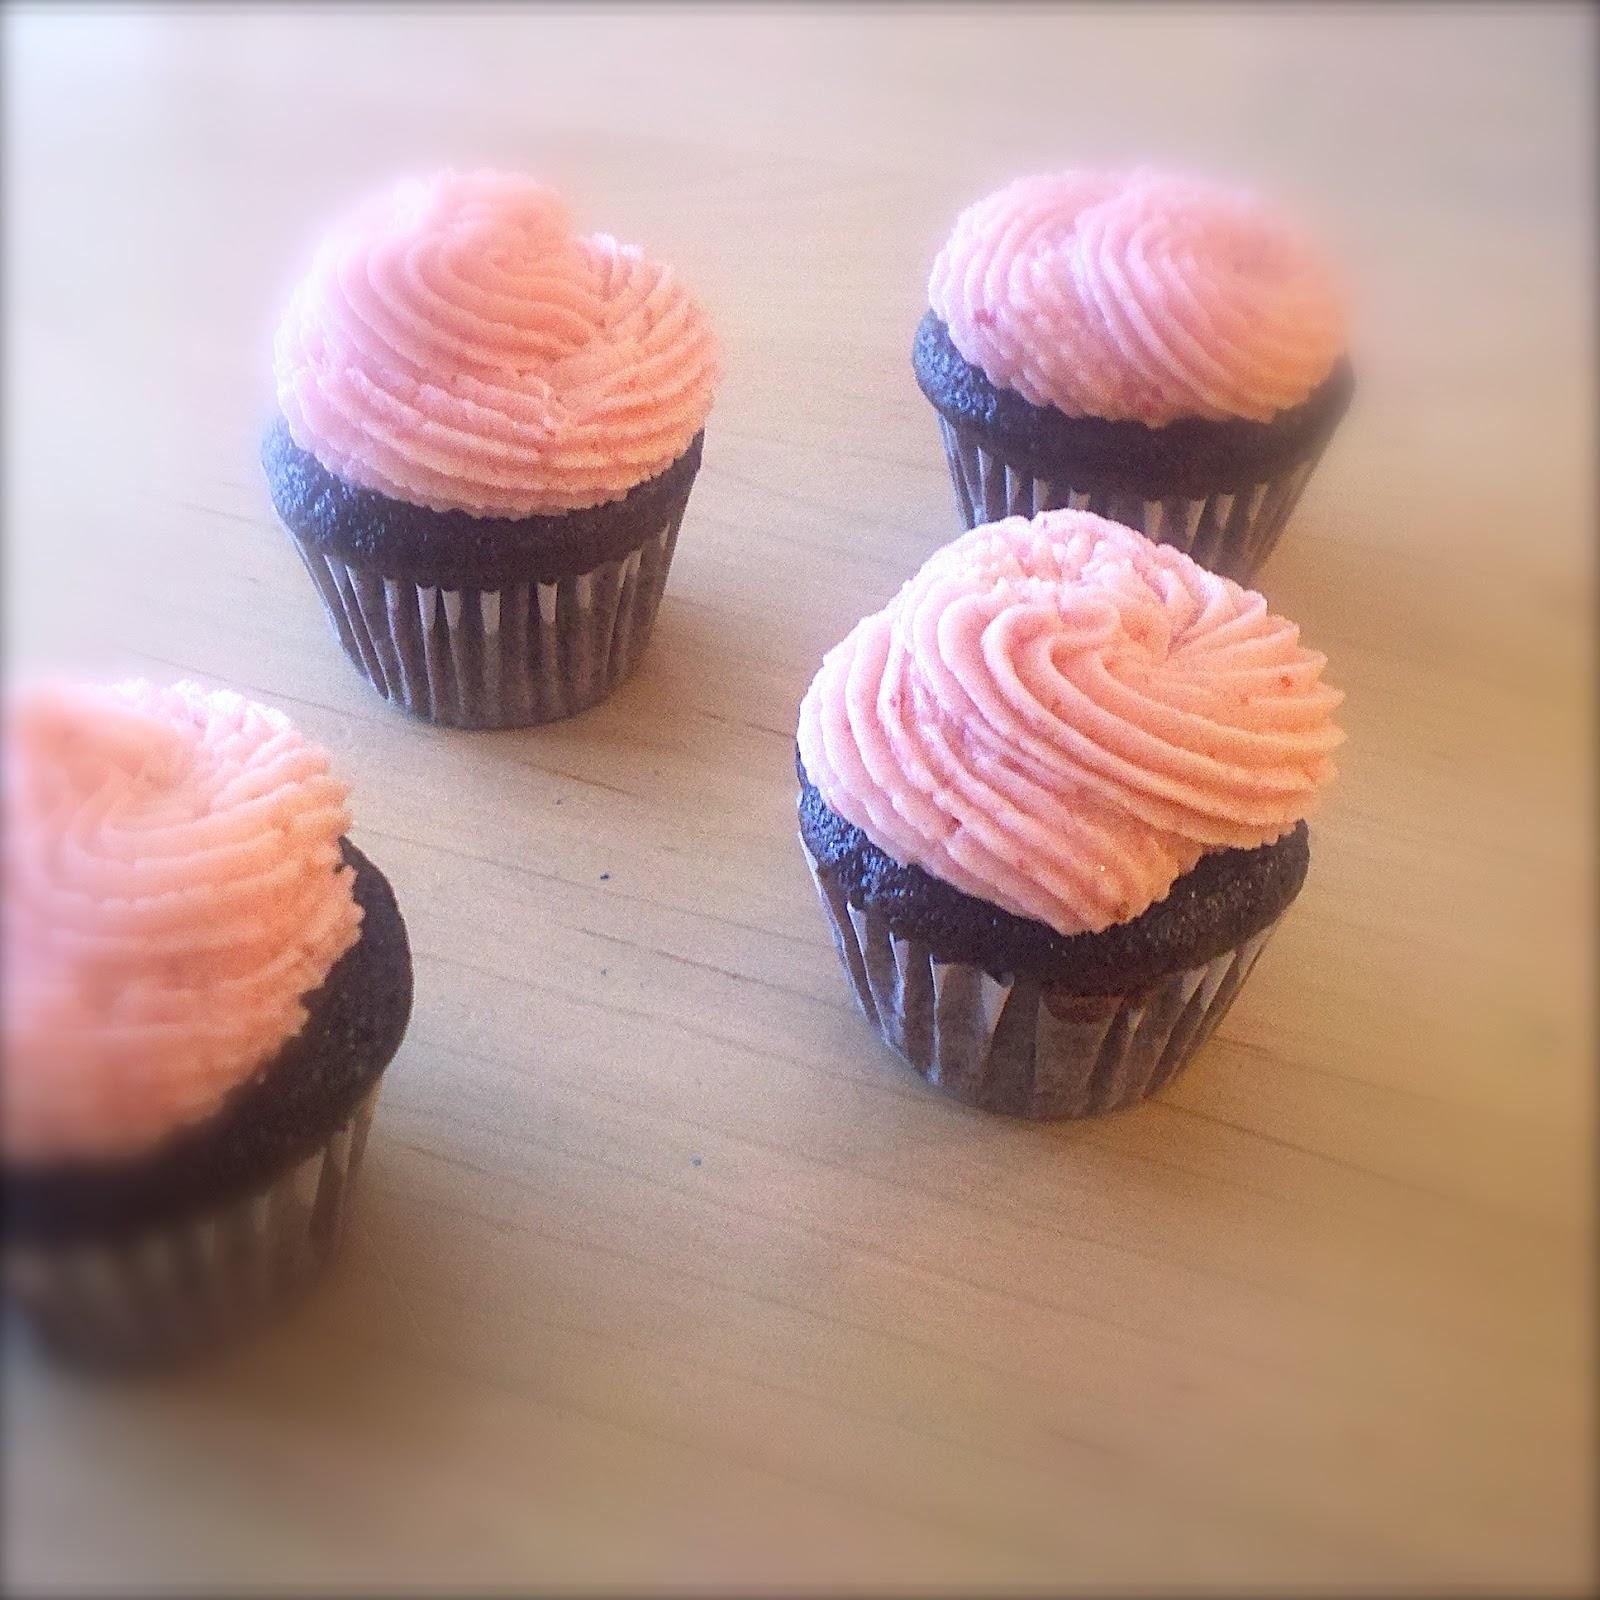 BinomialBaker: Chocolate Covered Strawberry Cupcakes